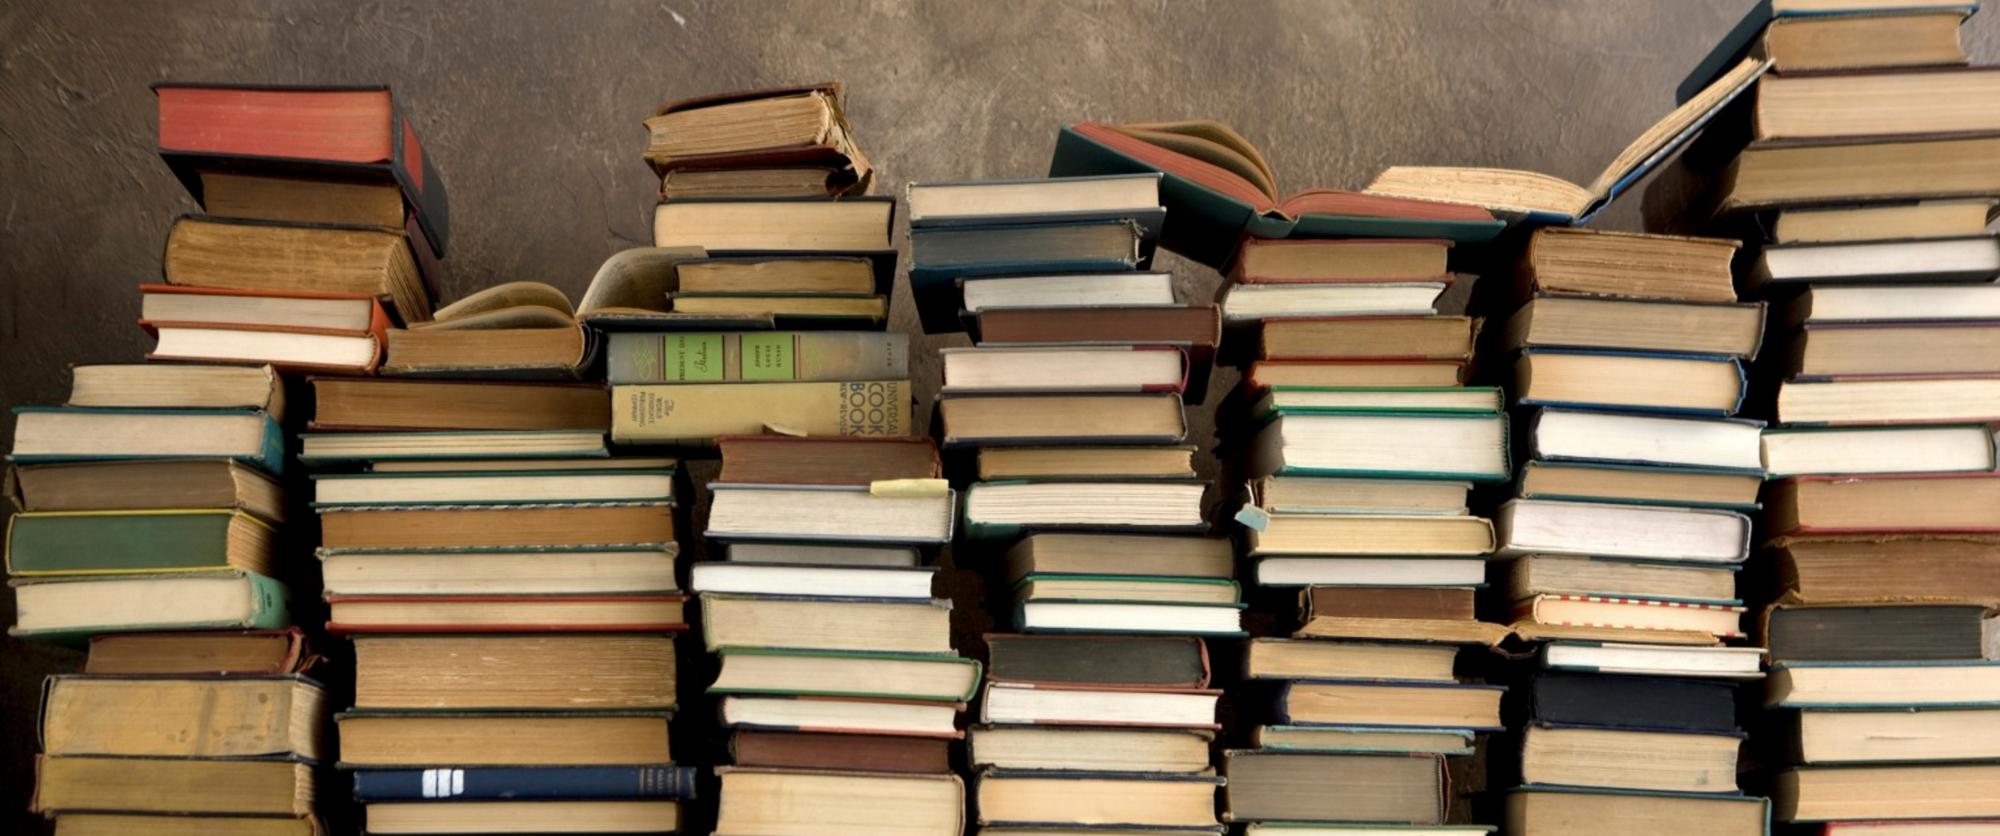 ١٧ كتاب عظيم يجب على كل مبتكر أن يقرأهم (جزء ٢/٢)